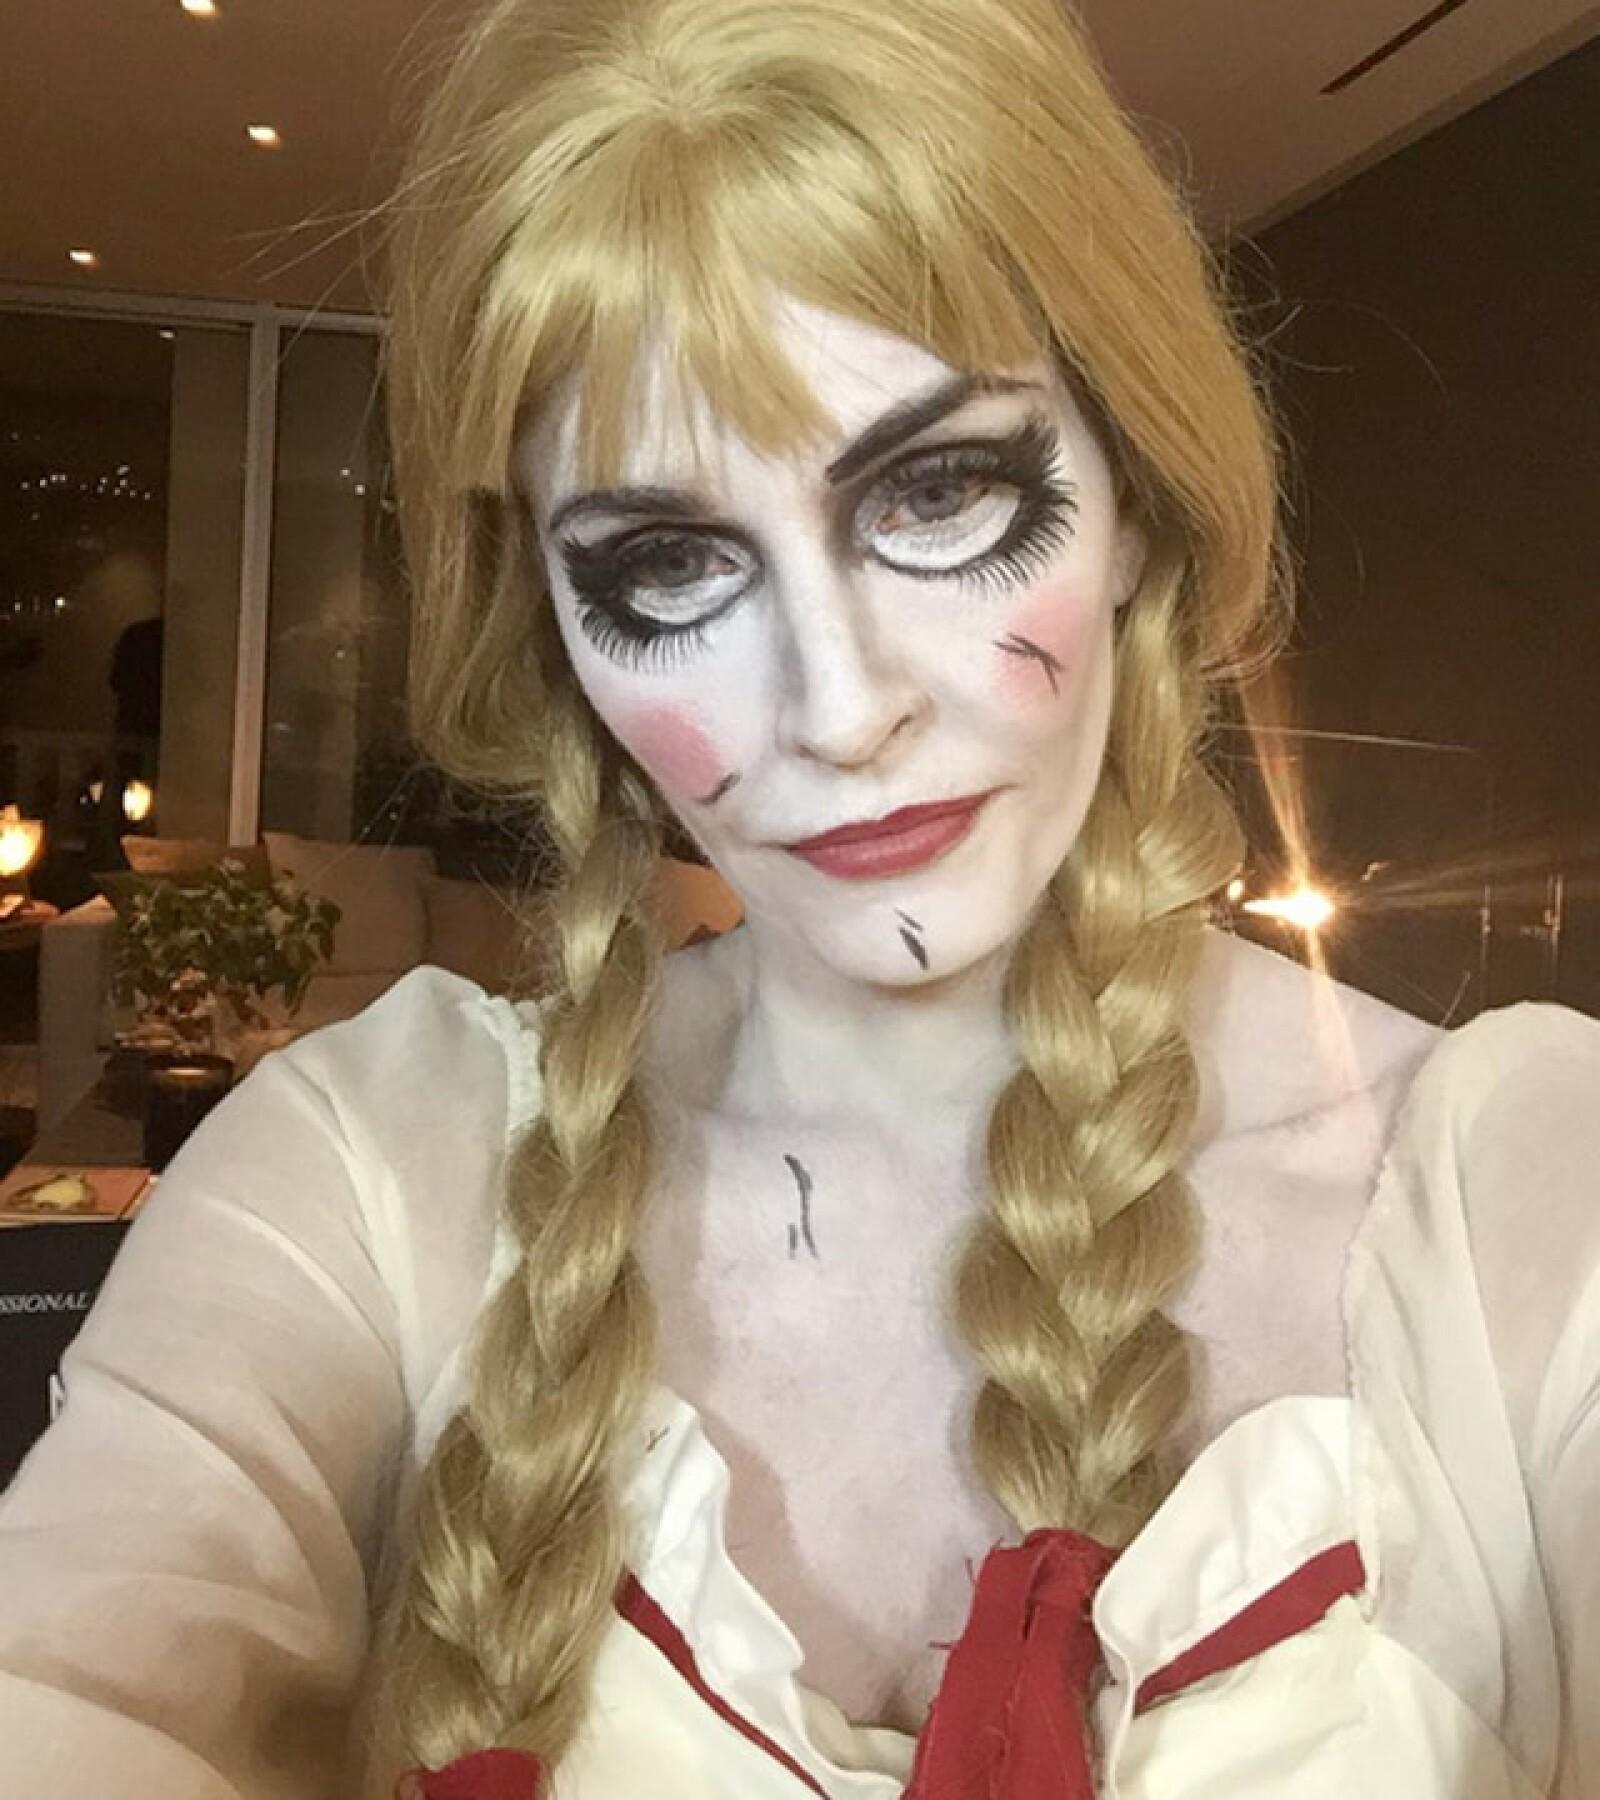 La protagonista de Friends eligió estar al día con su disfraz de la muñeca diabólica, Annabelle, cuyo maquillaje cumplió con el objetivo y deja a Cox irreconocible.